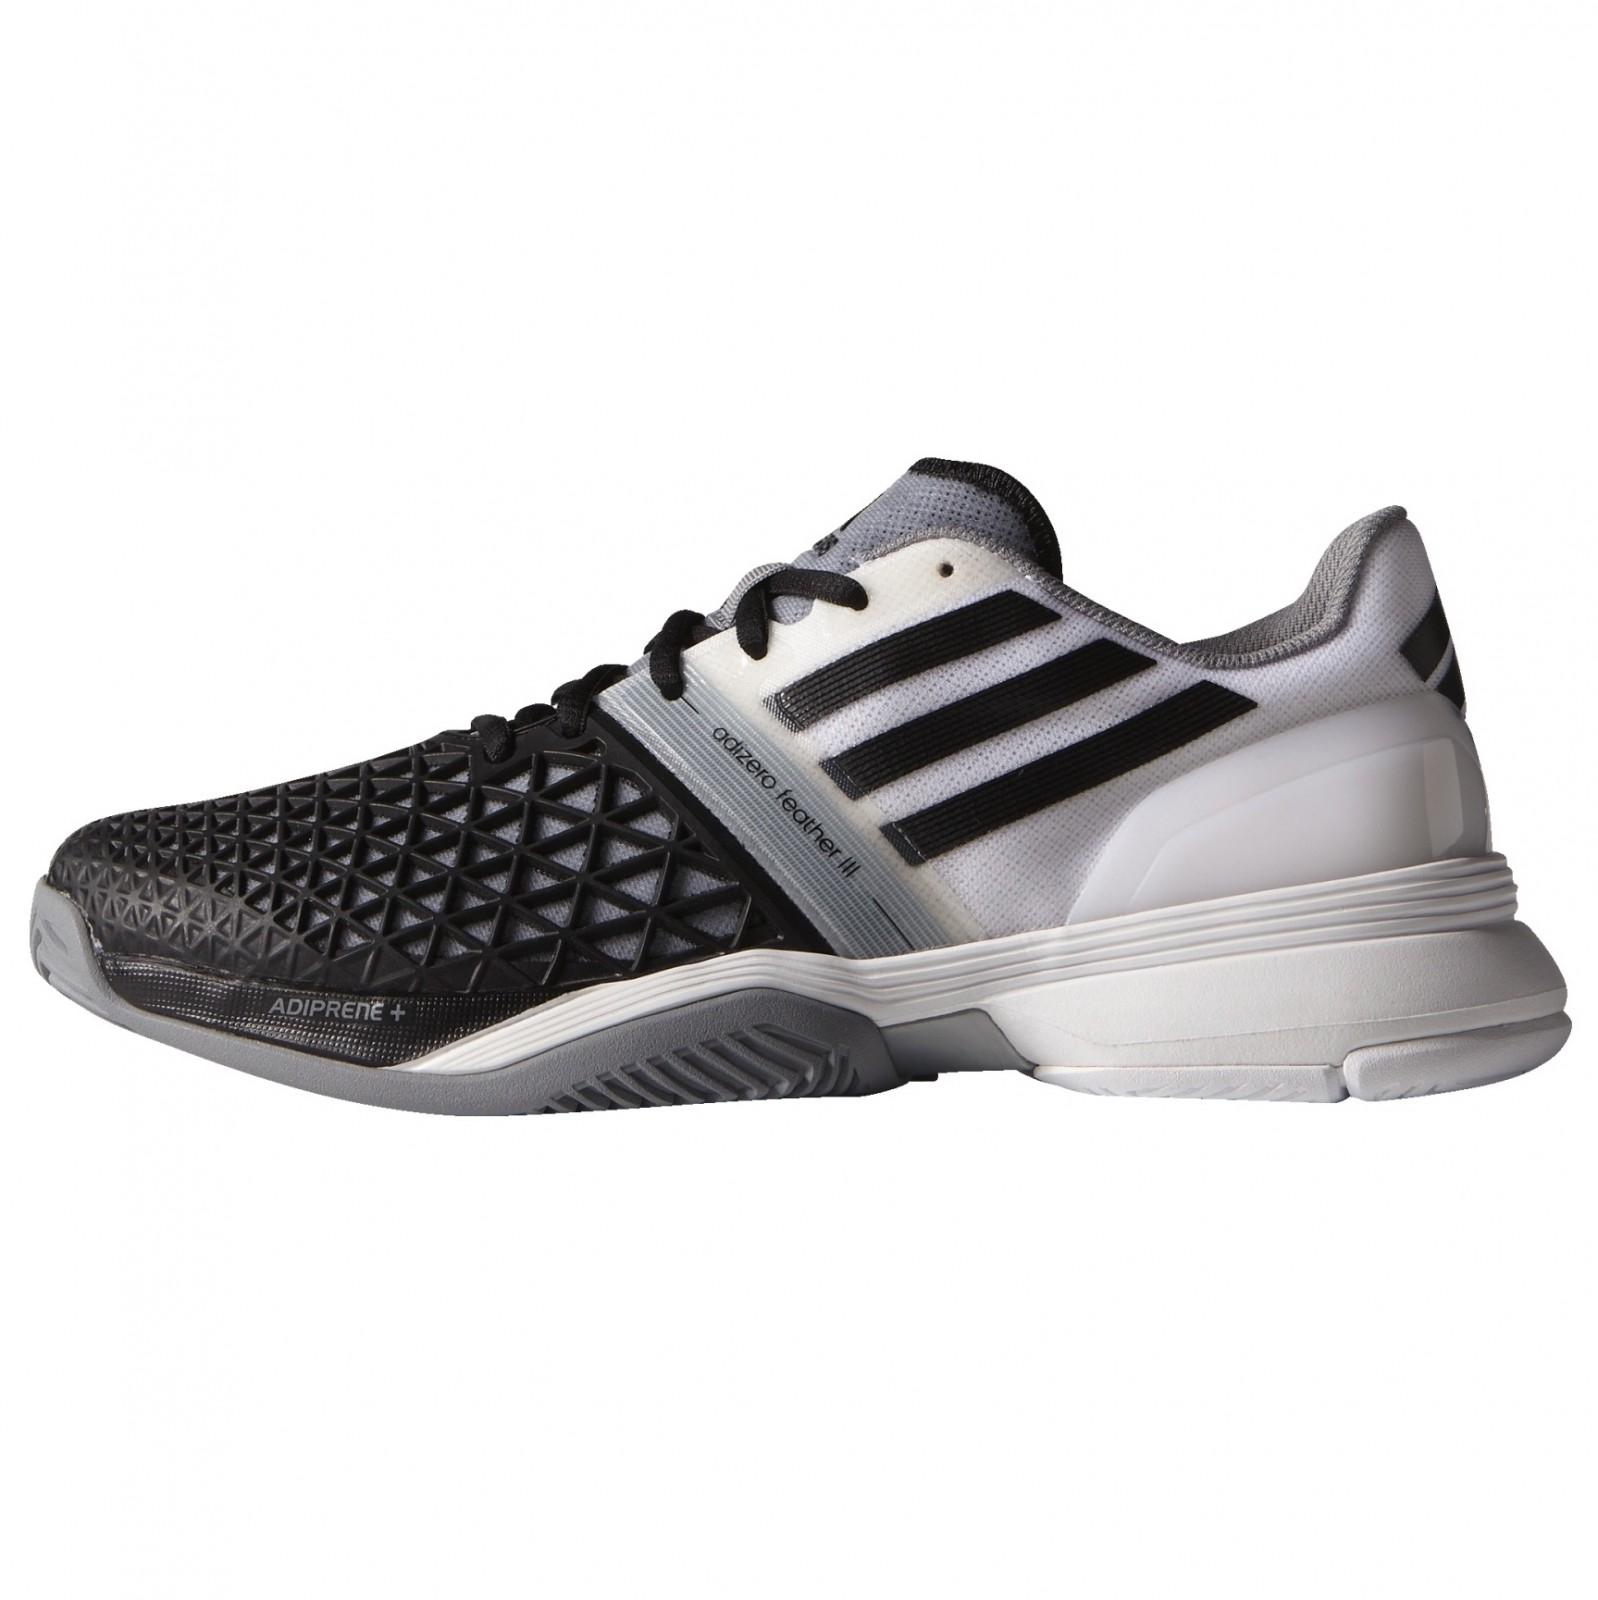 Pánské tenisové boty adidas CC adizero feather III  35c95c9fa4